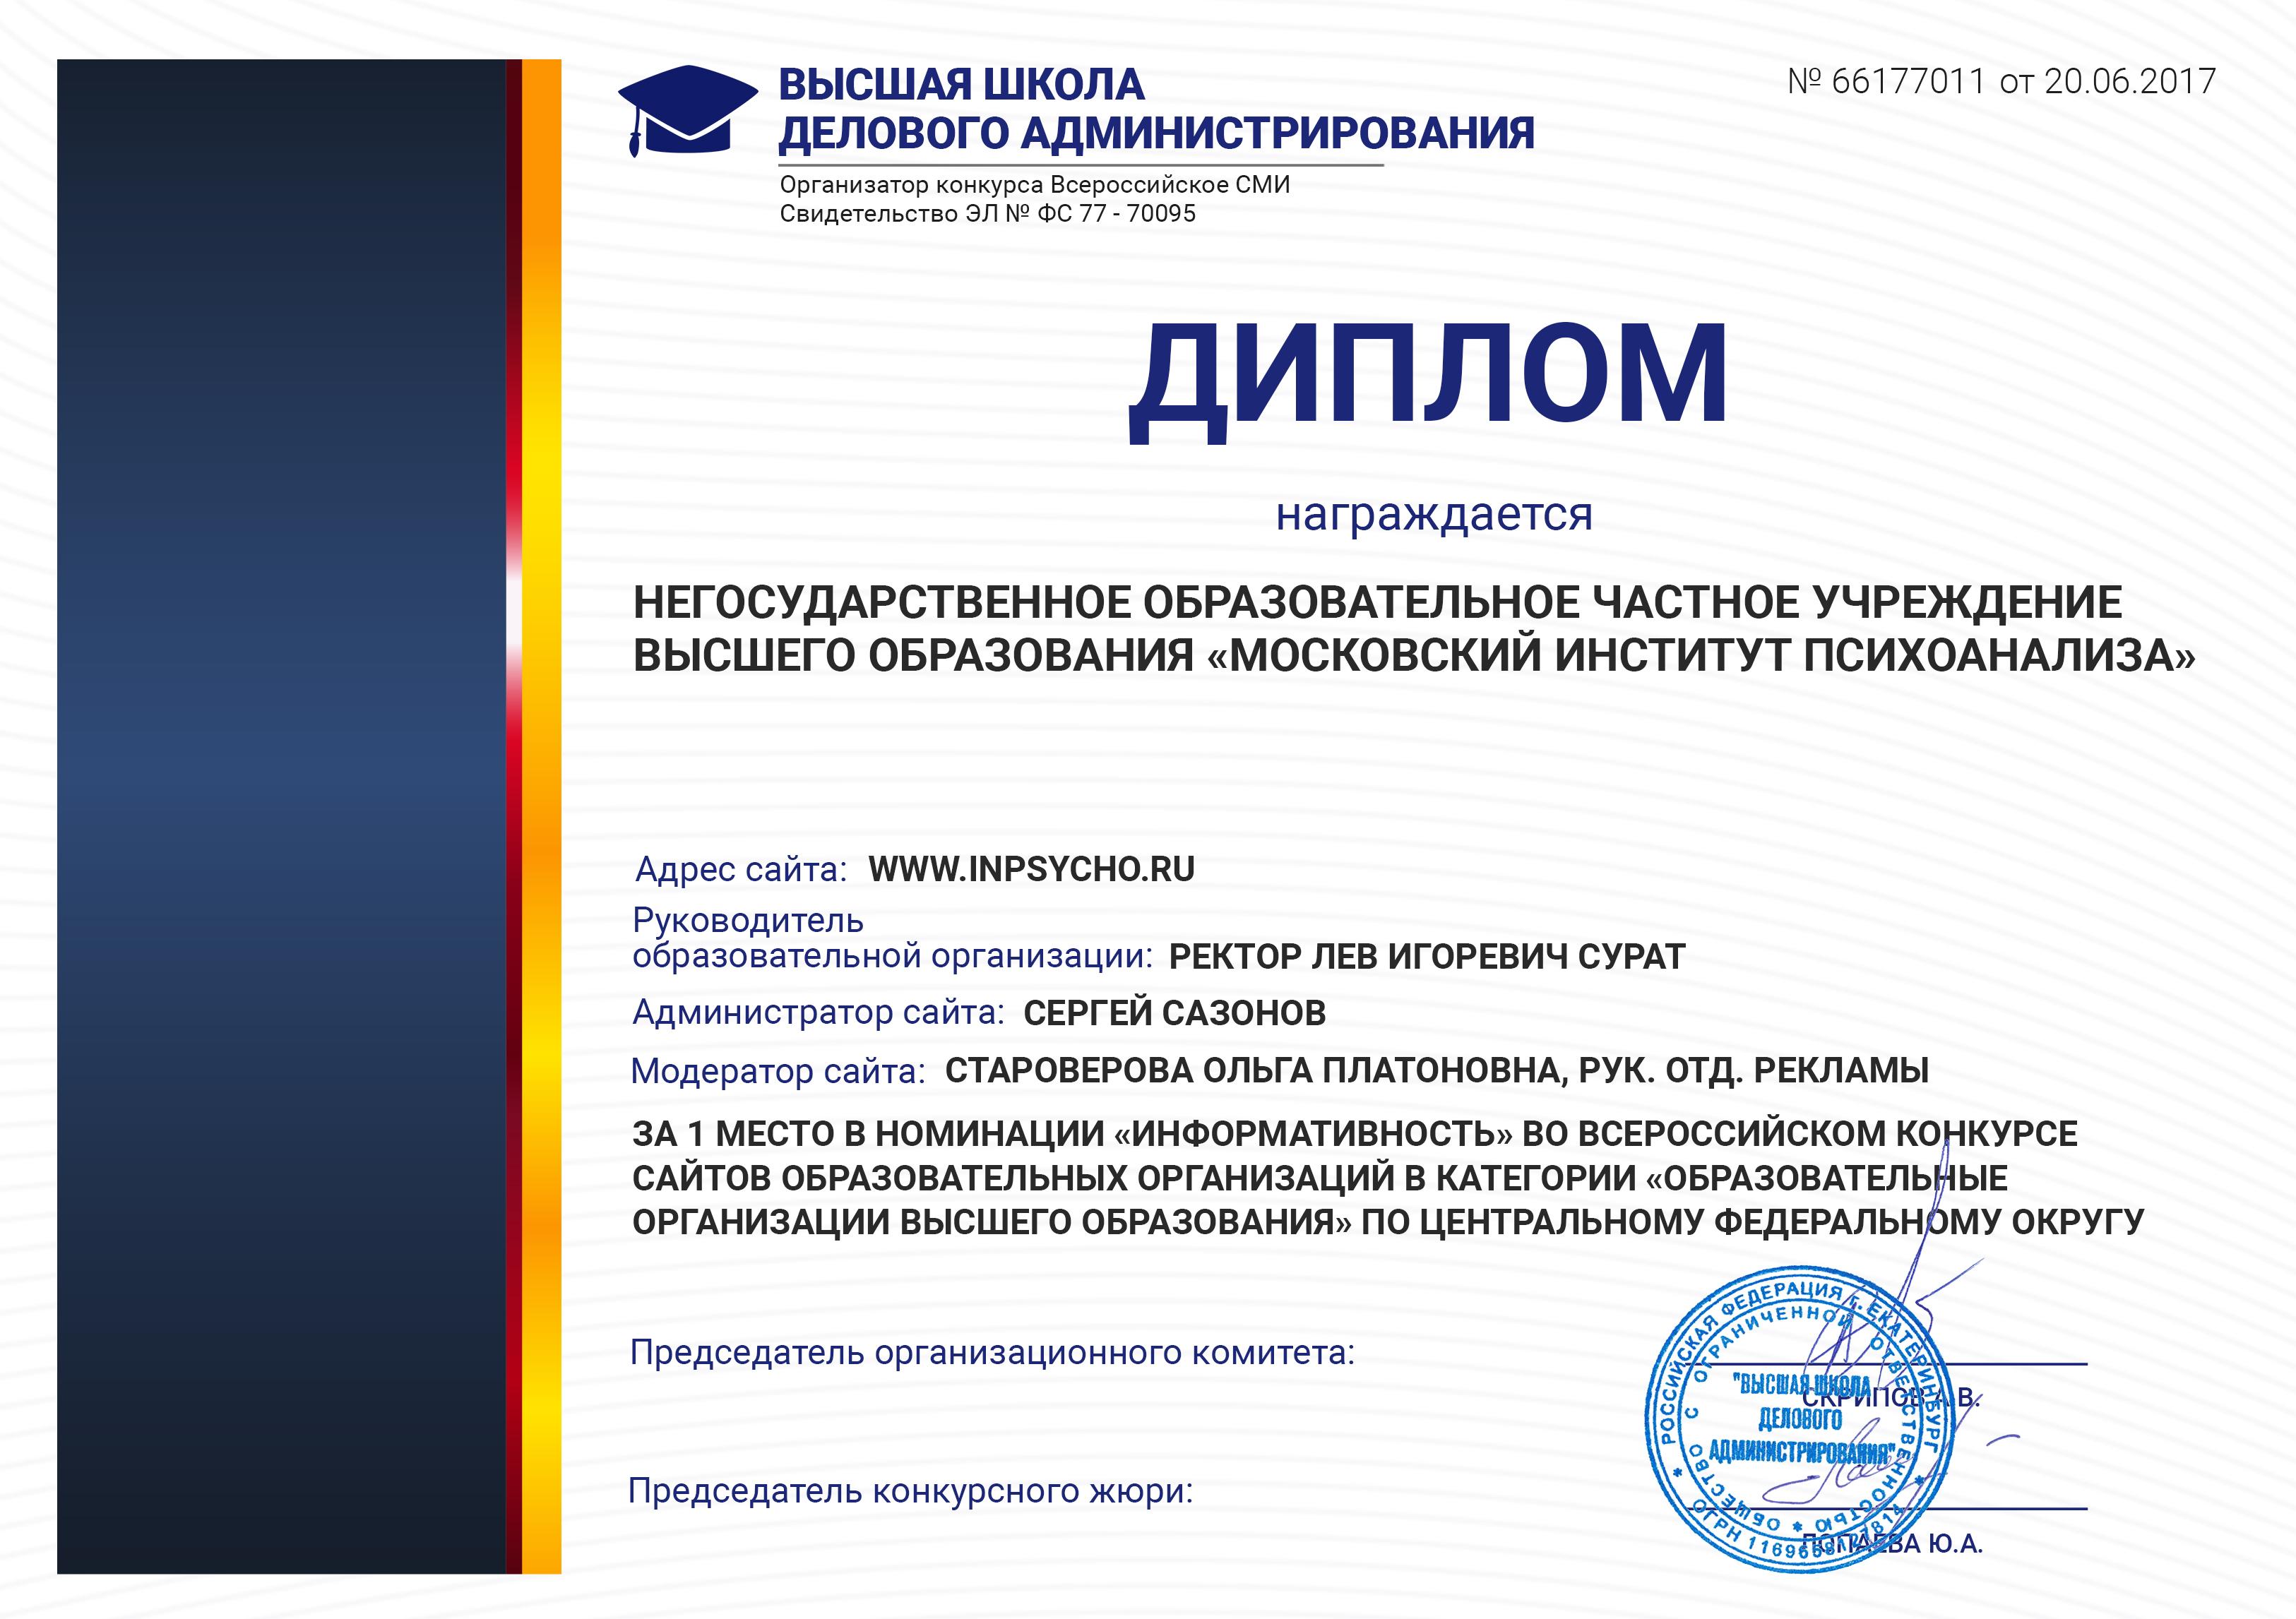 Высшее образование по психологии обучение на психолога в  Высшее образование по психологии обучение на психолога в Московском институте психоанализа